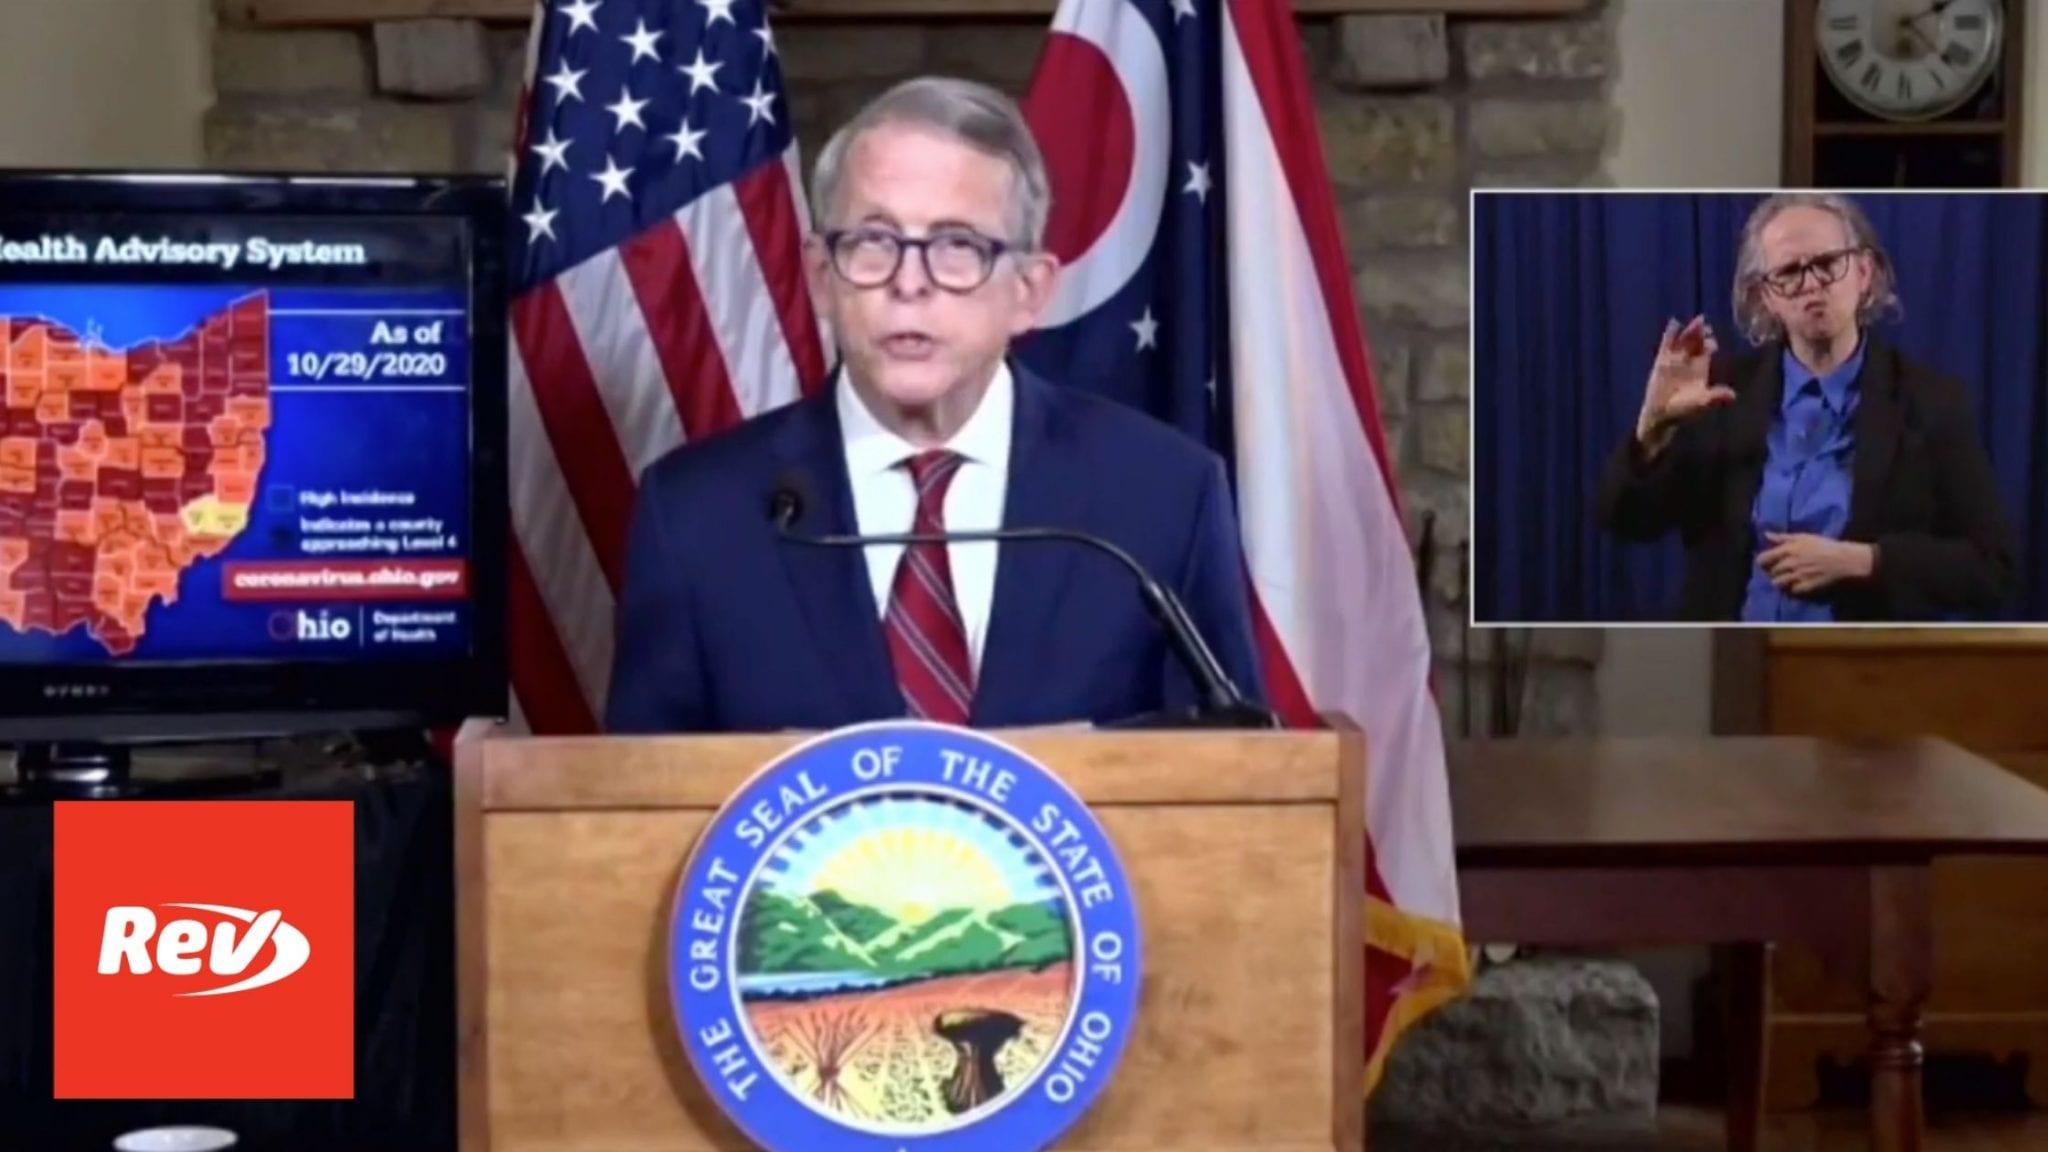 Ohio Gov. Mike DeWine COVID-19 Press Conference Transcript February 9